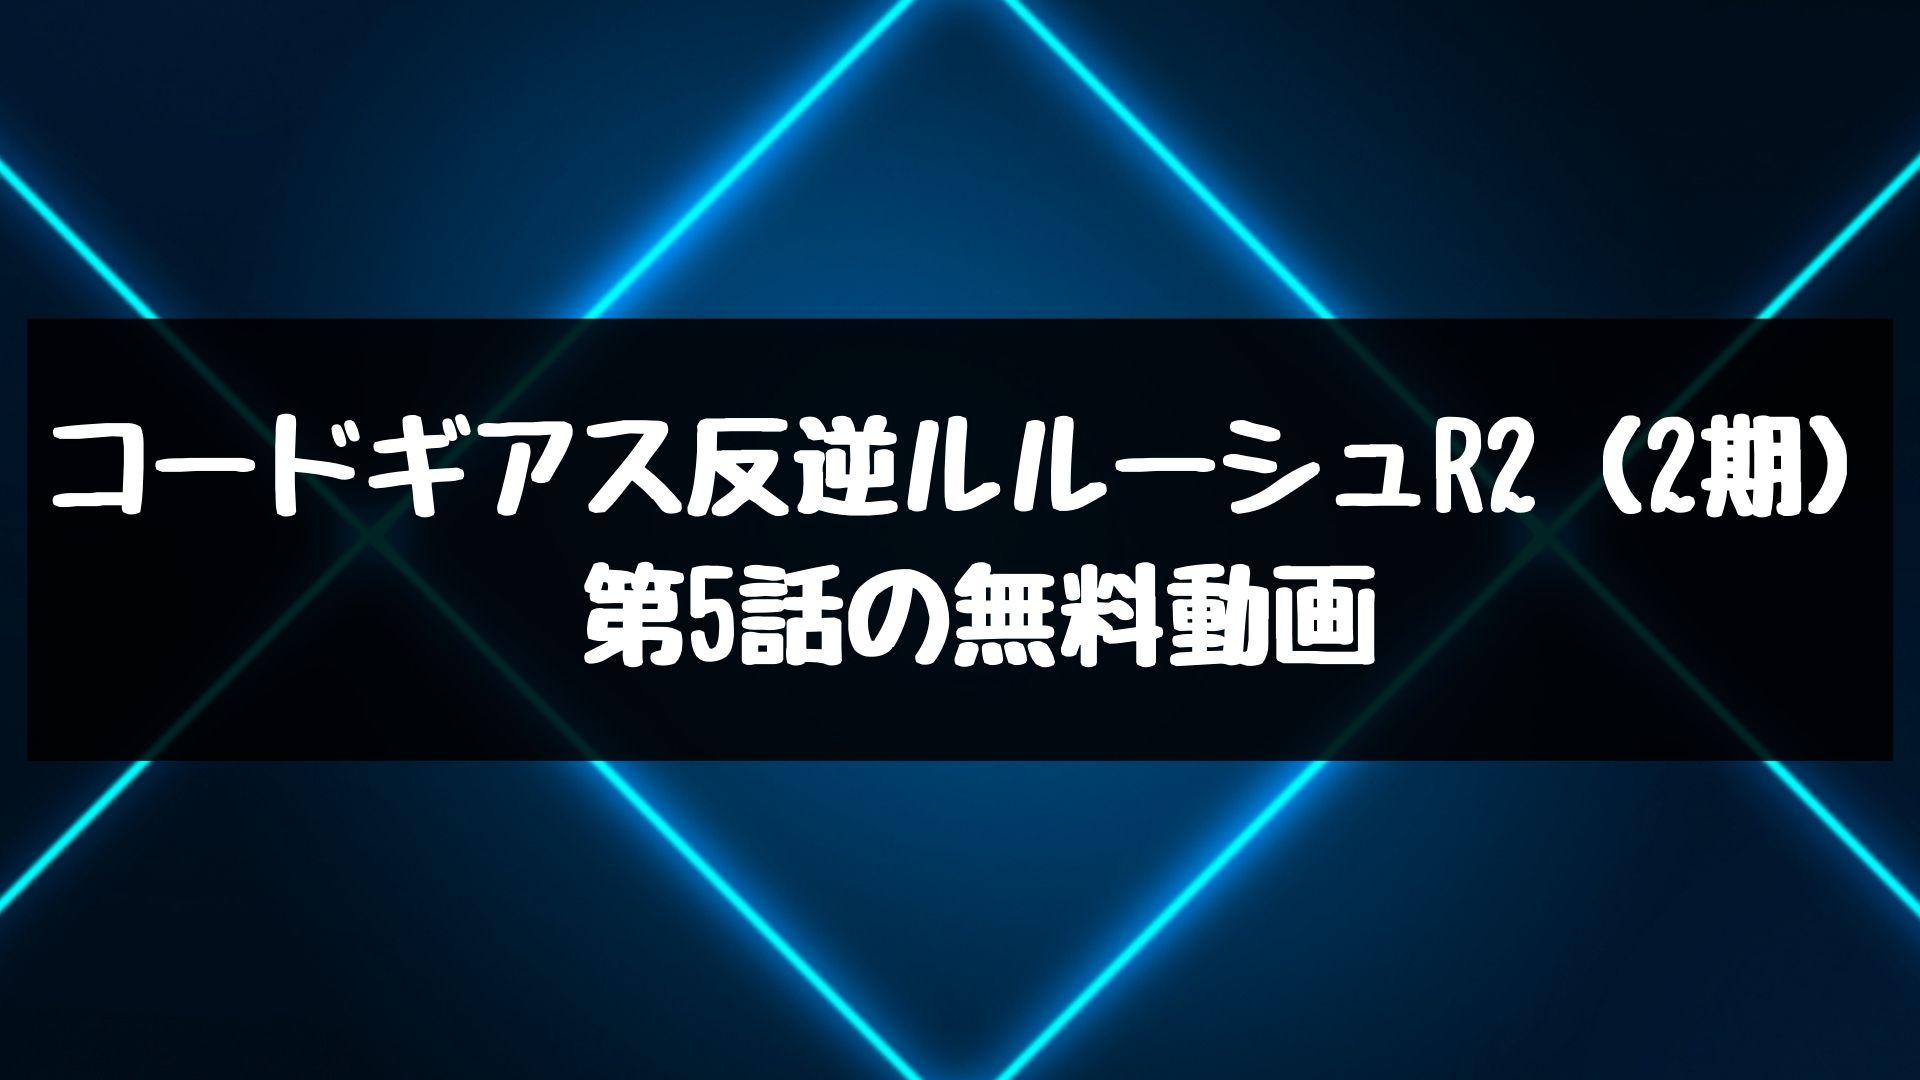 コードギアス反逆ルルーシュR2(2期) 第5話の無料動画